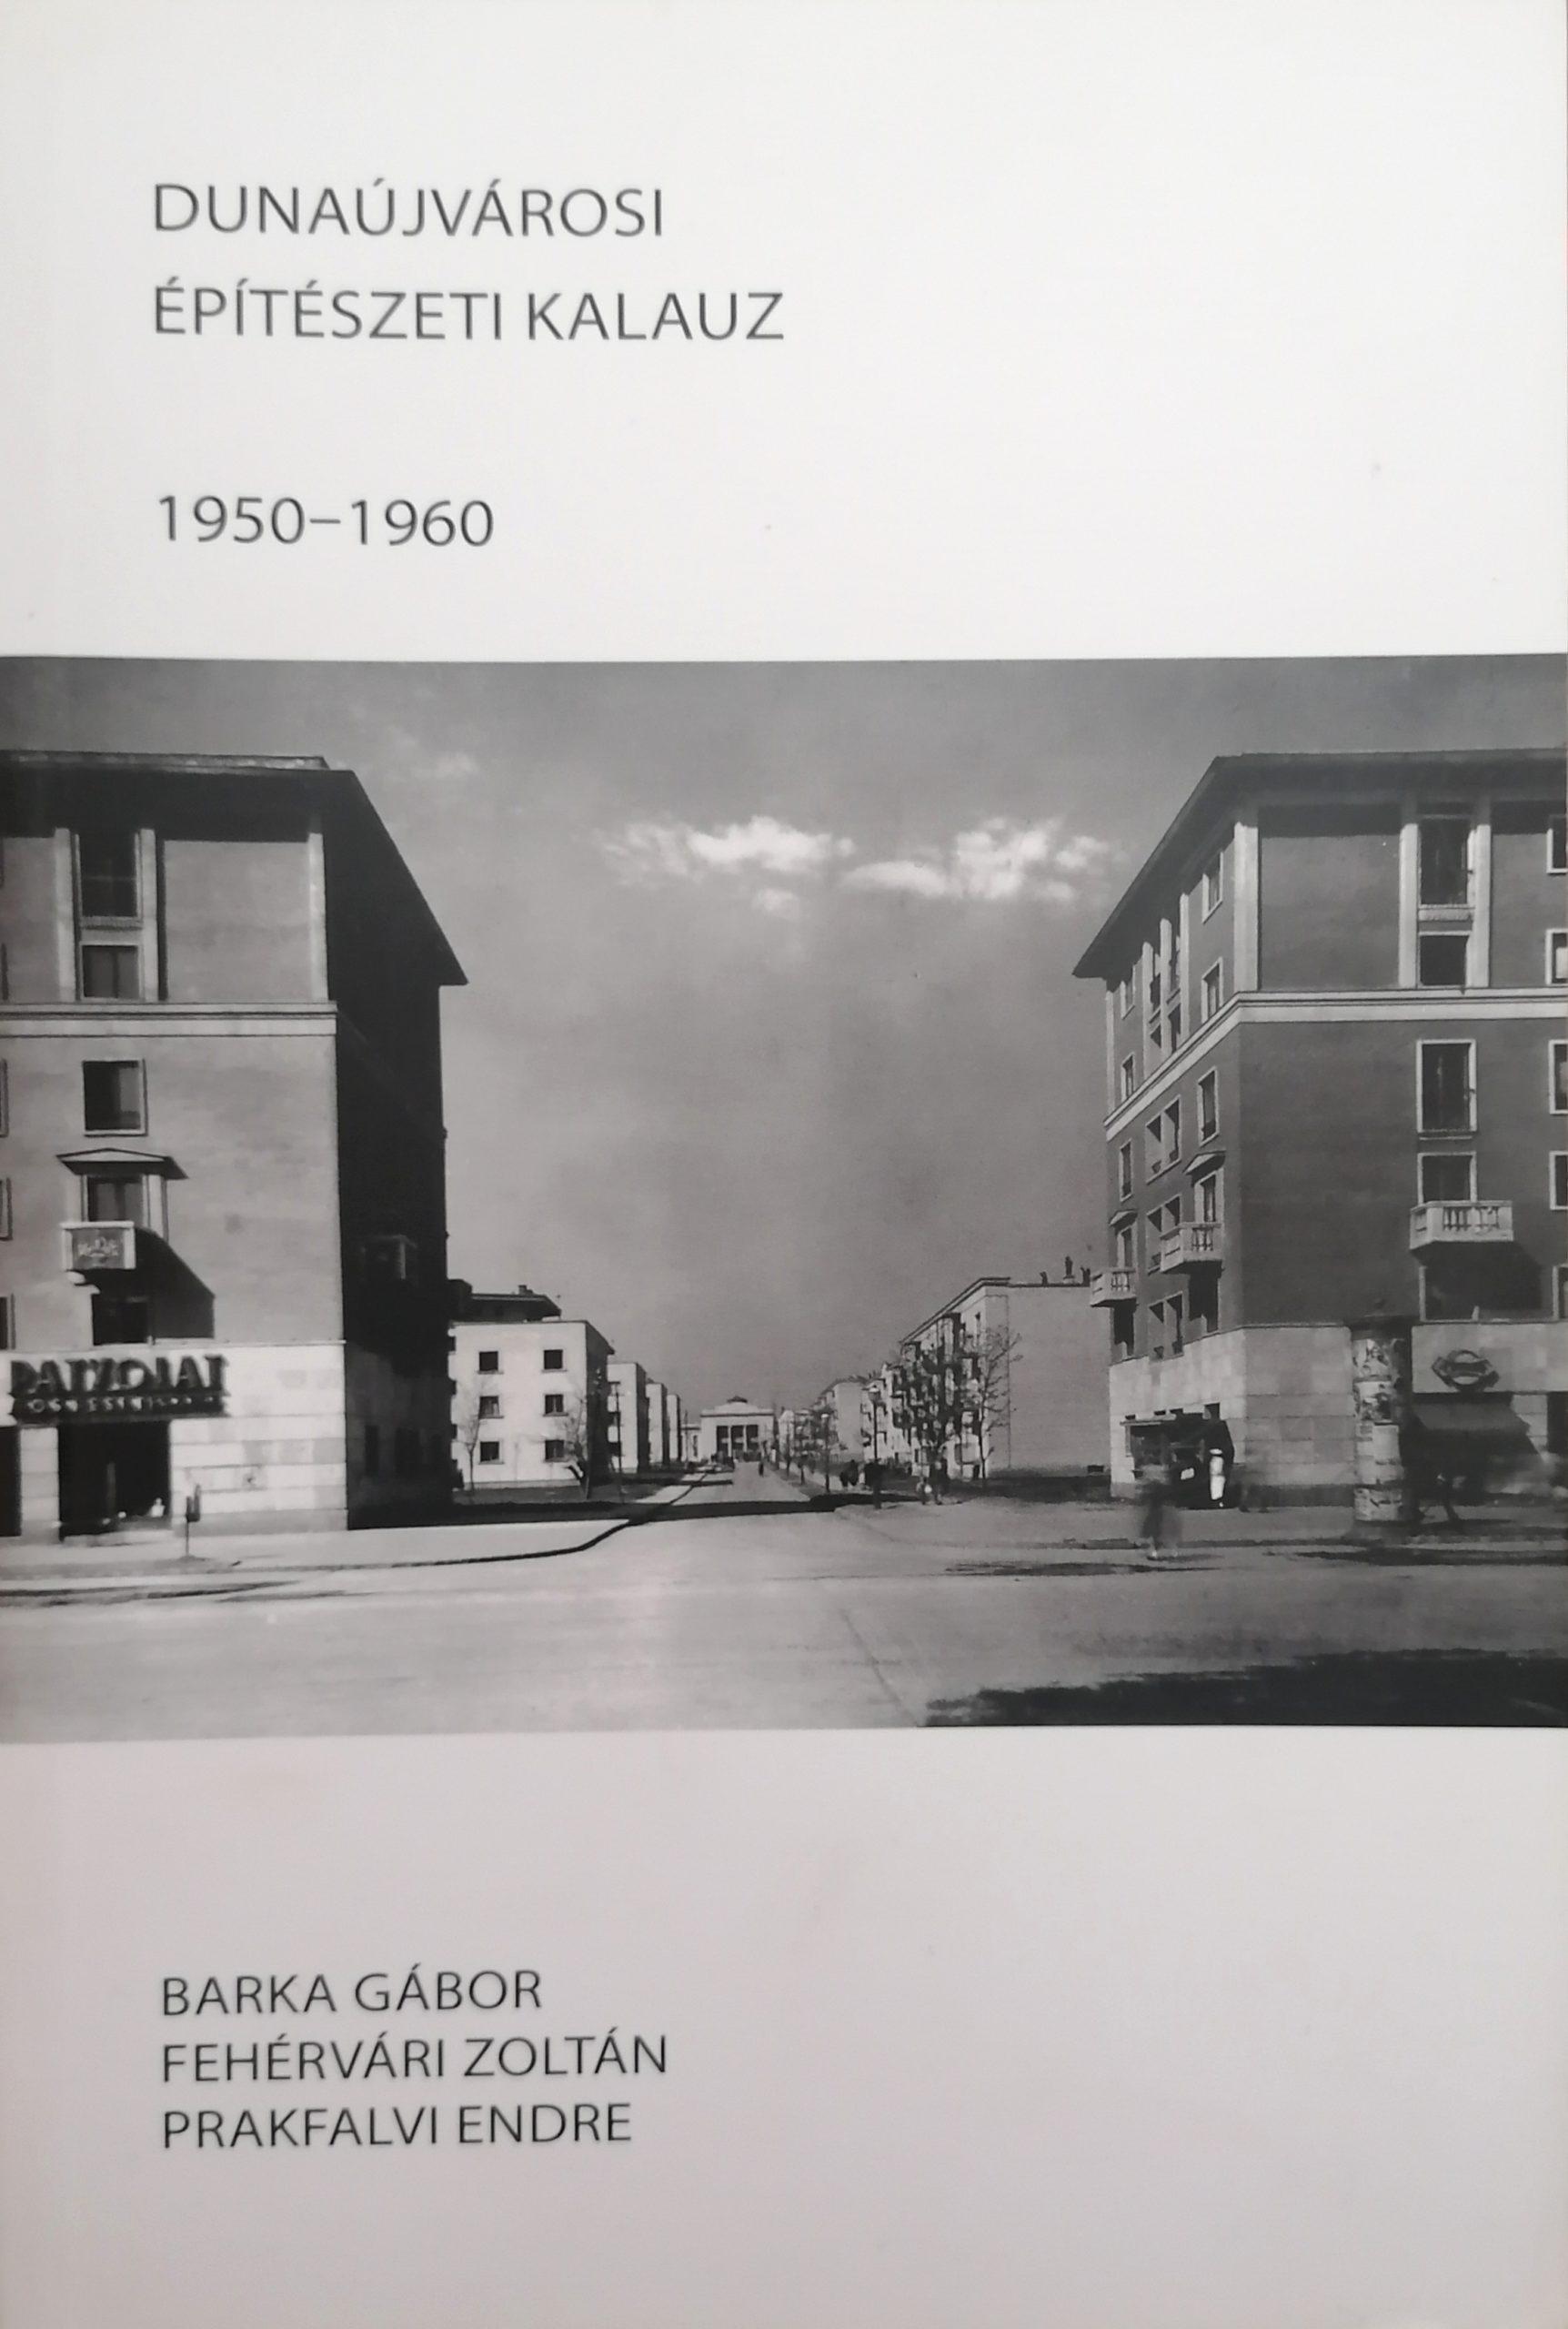 Dunaújvárosi Építészeti Kalauz